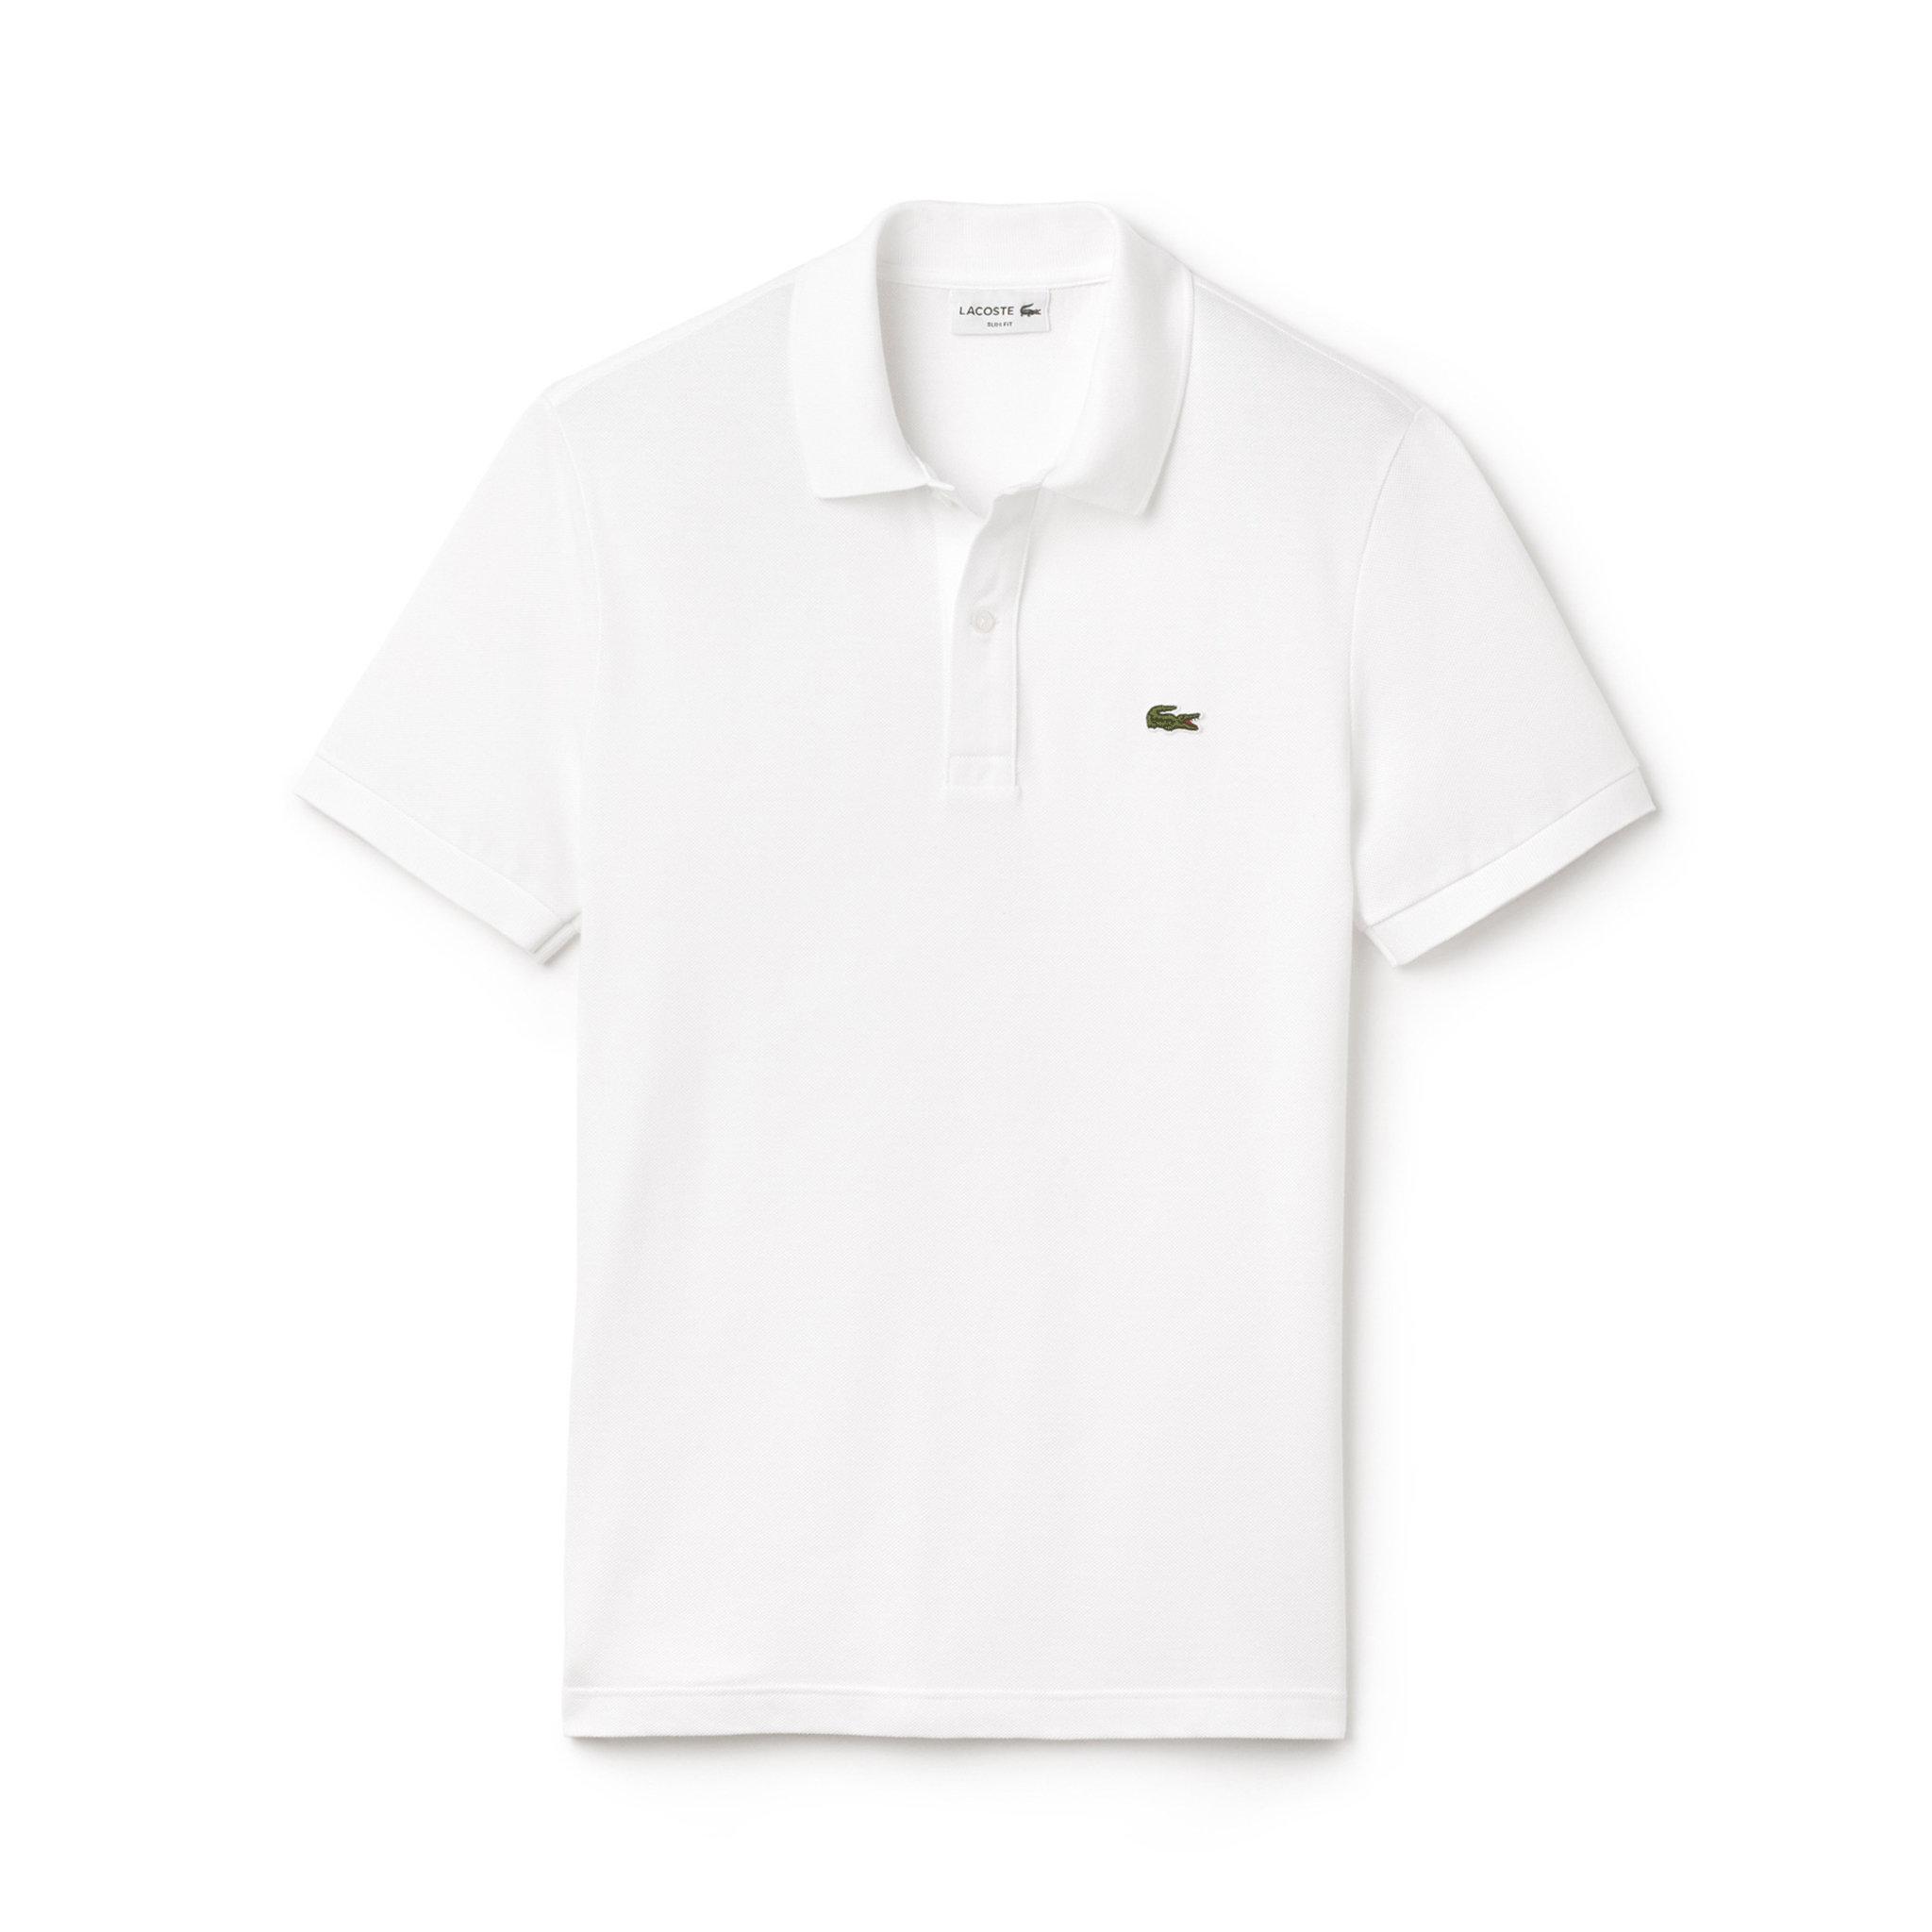 d435e6f936a Pikétröja, slim fit - T-shirts - Köp online på åhlens.se!